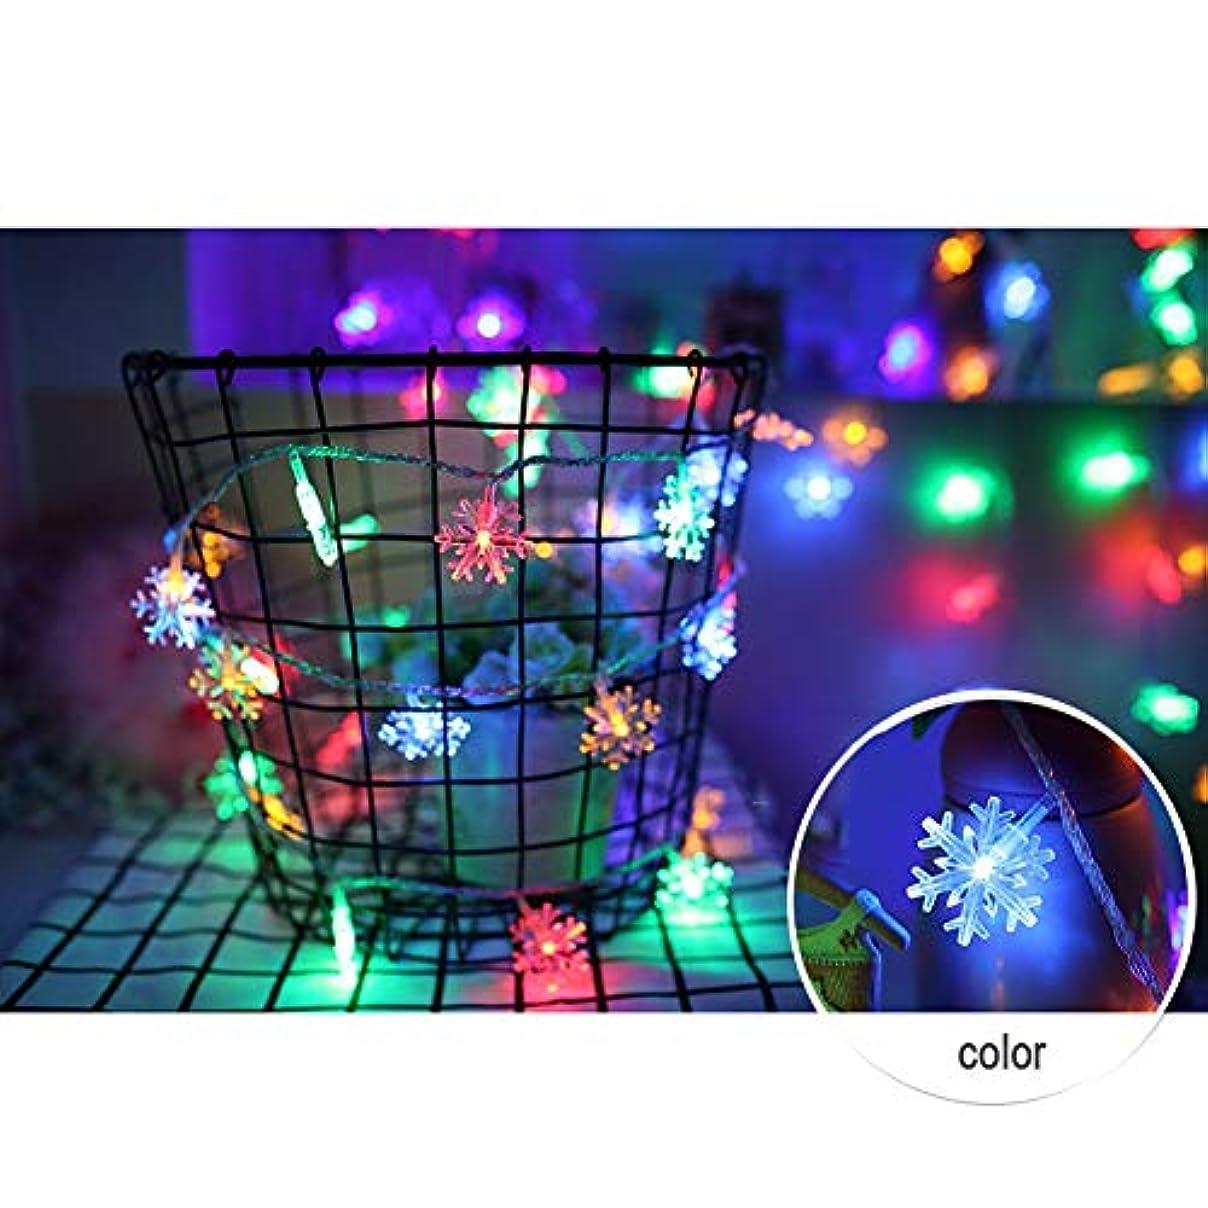 神話割る既に電池式 ストリングライト - 防雨型 スノーフレークLEDイルミネ ーションライト ロマンチックな雰囲気を作る屋外用 ワイヤーライト イルミネーションライト、庭、パティオ、バルコニ、ークリスマス